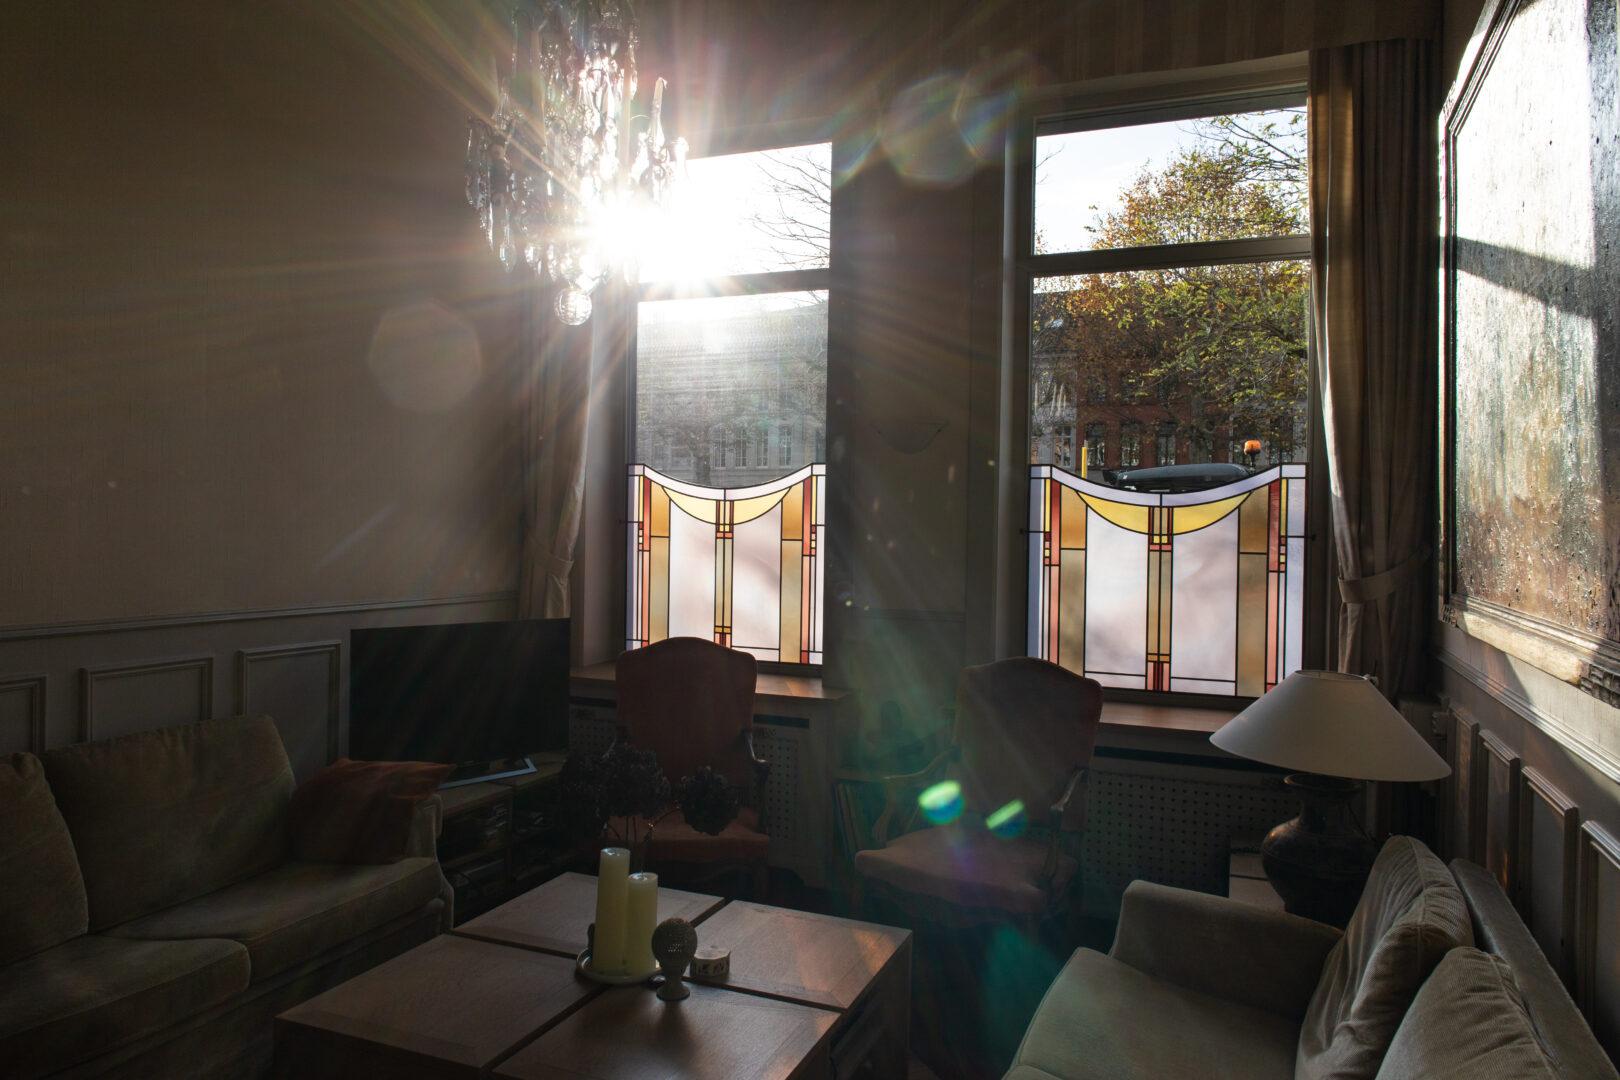 Glas-in-lood brise-vues in privé-woning te Gent. Ontwerp: Ingrid Meyvaert (©Nadia El Makhfi)